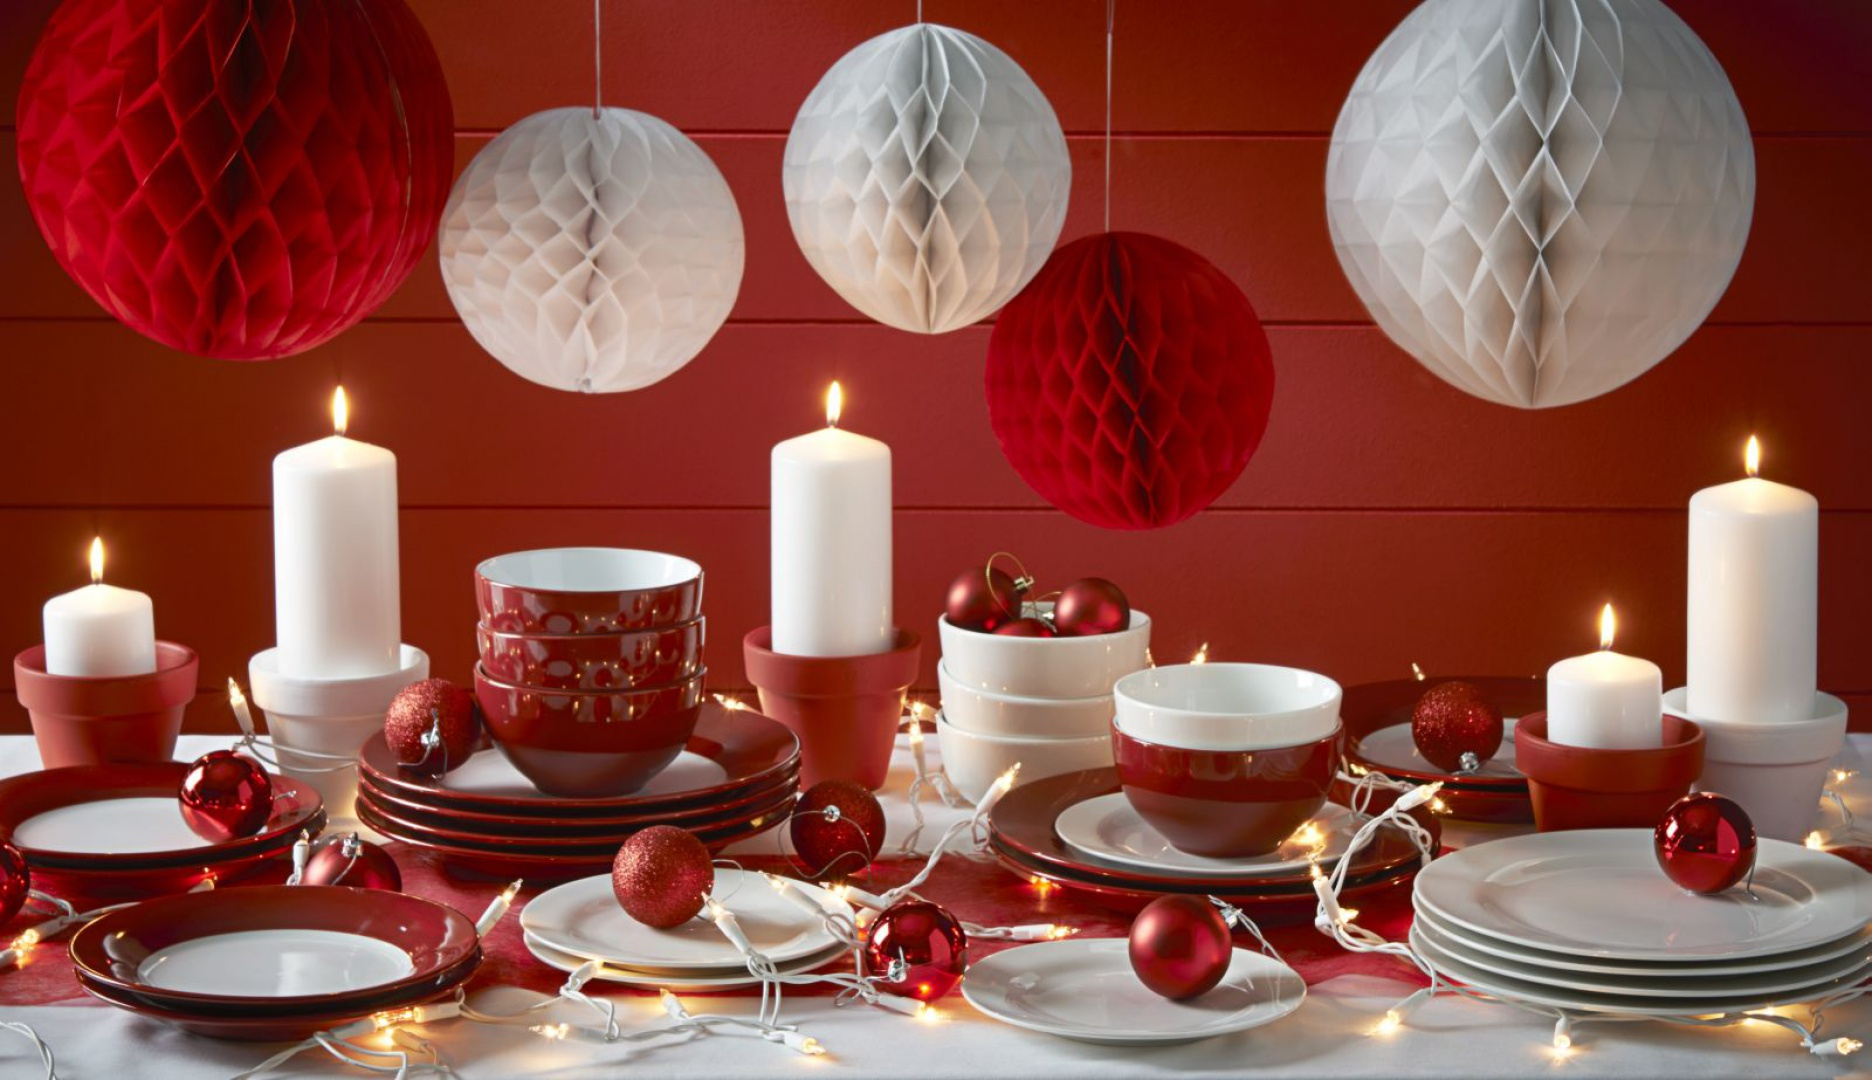 Świąteczną aranżację w czerwieni możemy stworzyć bazując na przedmiotach, które mamy w domu. Wystarczy, że do białe świece wstawimy w czerwony świecznik a do białych talerzy dokupimy czerwone bulionówki i serwetki. Fot. Wilko.